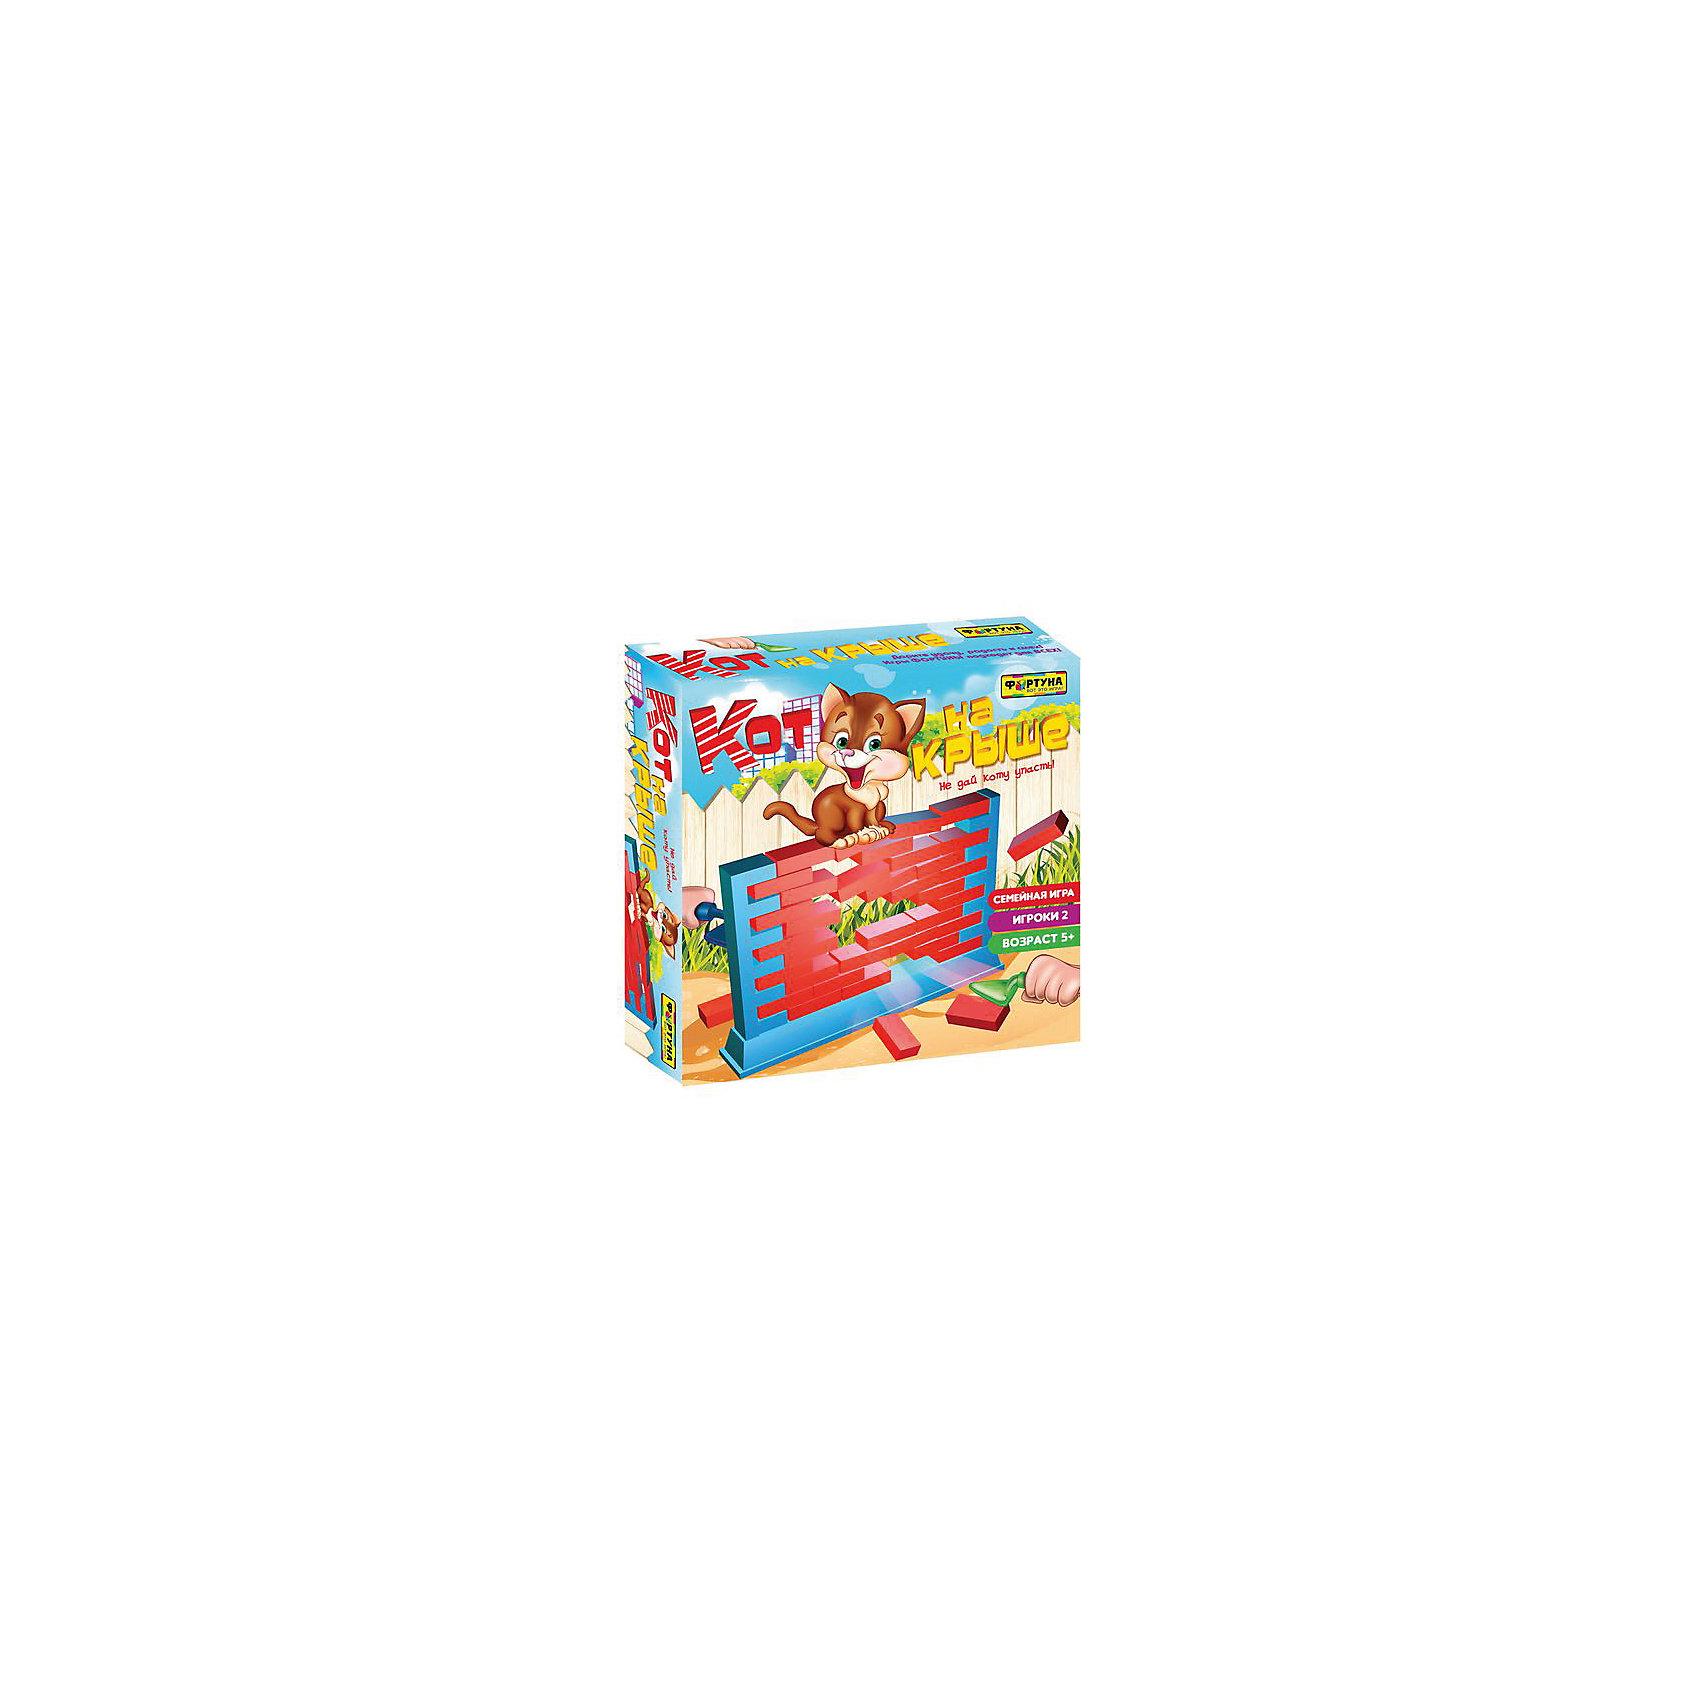 Настольная игра Кот на крыше , ФортунаХарактеристики:<br><br>• Вид игр: настольные игры<br>• Пол: универсальный<br>• Материал: пластик, картон<br>• Количество игроков: от 2-х человек<br>• Размер (Д*Ш*В): 27*7*27 см<br>• Вес: 500 г<br>• Комплектация: рамка-основание стены, кирпичики, 2 шпателя, фигурка кота, инструкция<br><br>Настольная игра Кот на крыше, Фортуна от отечественного производителя, специализирующегося на данного вида играх, предназначена для веселого времяпрепровождения от двух человек. Цель игры заключается в том, чтобы не уронить со стены кота во время вынимания мастерком кирпичиков из стены. Элементы игры выполнены из качественного и безопасного пластика, упакованы в картонную коробку. В комплекте имеется инструкция с правилами игры.<br><br>Настольные игры от Фортуны научат ребенка внимательности, усидчивости, позволят ему развивать, тактическое, стратегическое и логическое мышление. Игры с несколькими участниками позволяют в легкой форме осваивать социальные навыки взаимодействия и выстраивать коммуникацию с другими участниками игры. Настольная игра Кот на крыше, Фортуна может стать прекрасным вариантом в качестве подарка к празднику для любого ребенка! <br><br>Настольную игру Кот на крыше, Фортуна можно купить в нашем интернет-магазине.<br><br>Ширина мм: 270<br>Глубина мм: 55<br>Высота мм: 270<br>Вес г: 550<br>Возраст от месяцев: 60<br>Возраст до месяцев: 2147483647<br>Пол: Унисекс<br>Возраст: Детский<br>SKU: 5121944